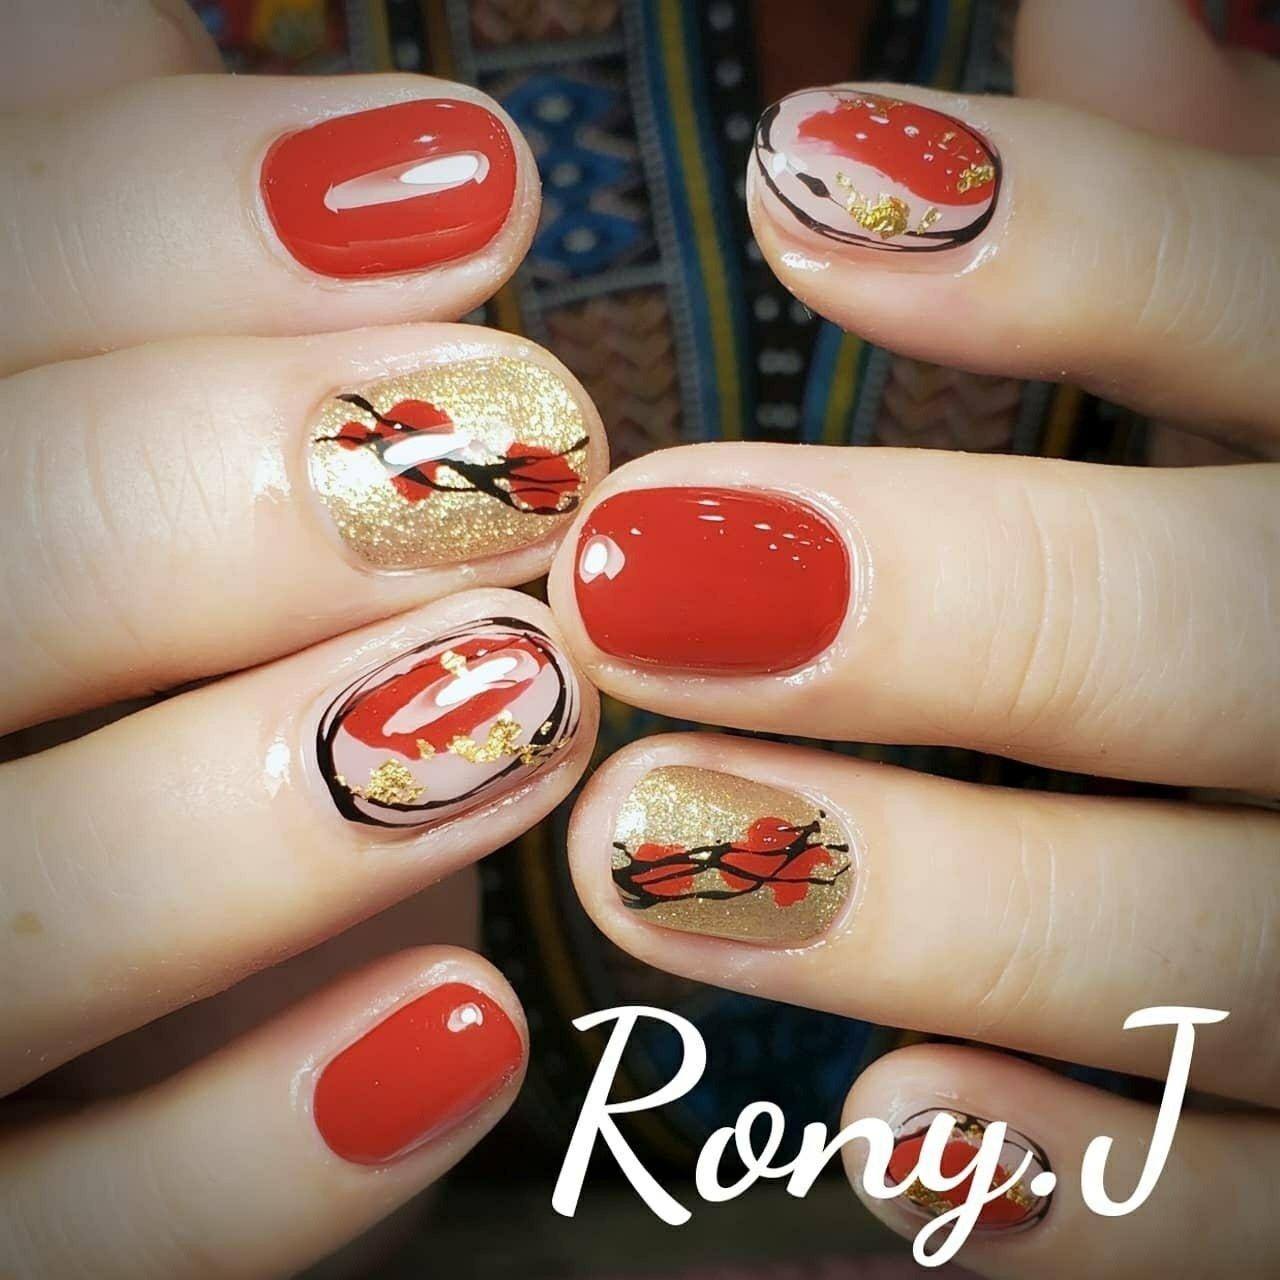 粋な赤ネイル🎶  #赤ネイル#rednails#ronyj #奈良ネイル #和柄ネイル #オールシーズン #お正月 #成人式 #浴衣 #ハンド #くりぬき #シースルー #ニュアンス #ショート #レッド #ブラック #ゴールド #ジェル #お客様 #Rony.Jaya #ネイルブック